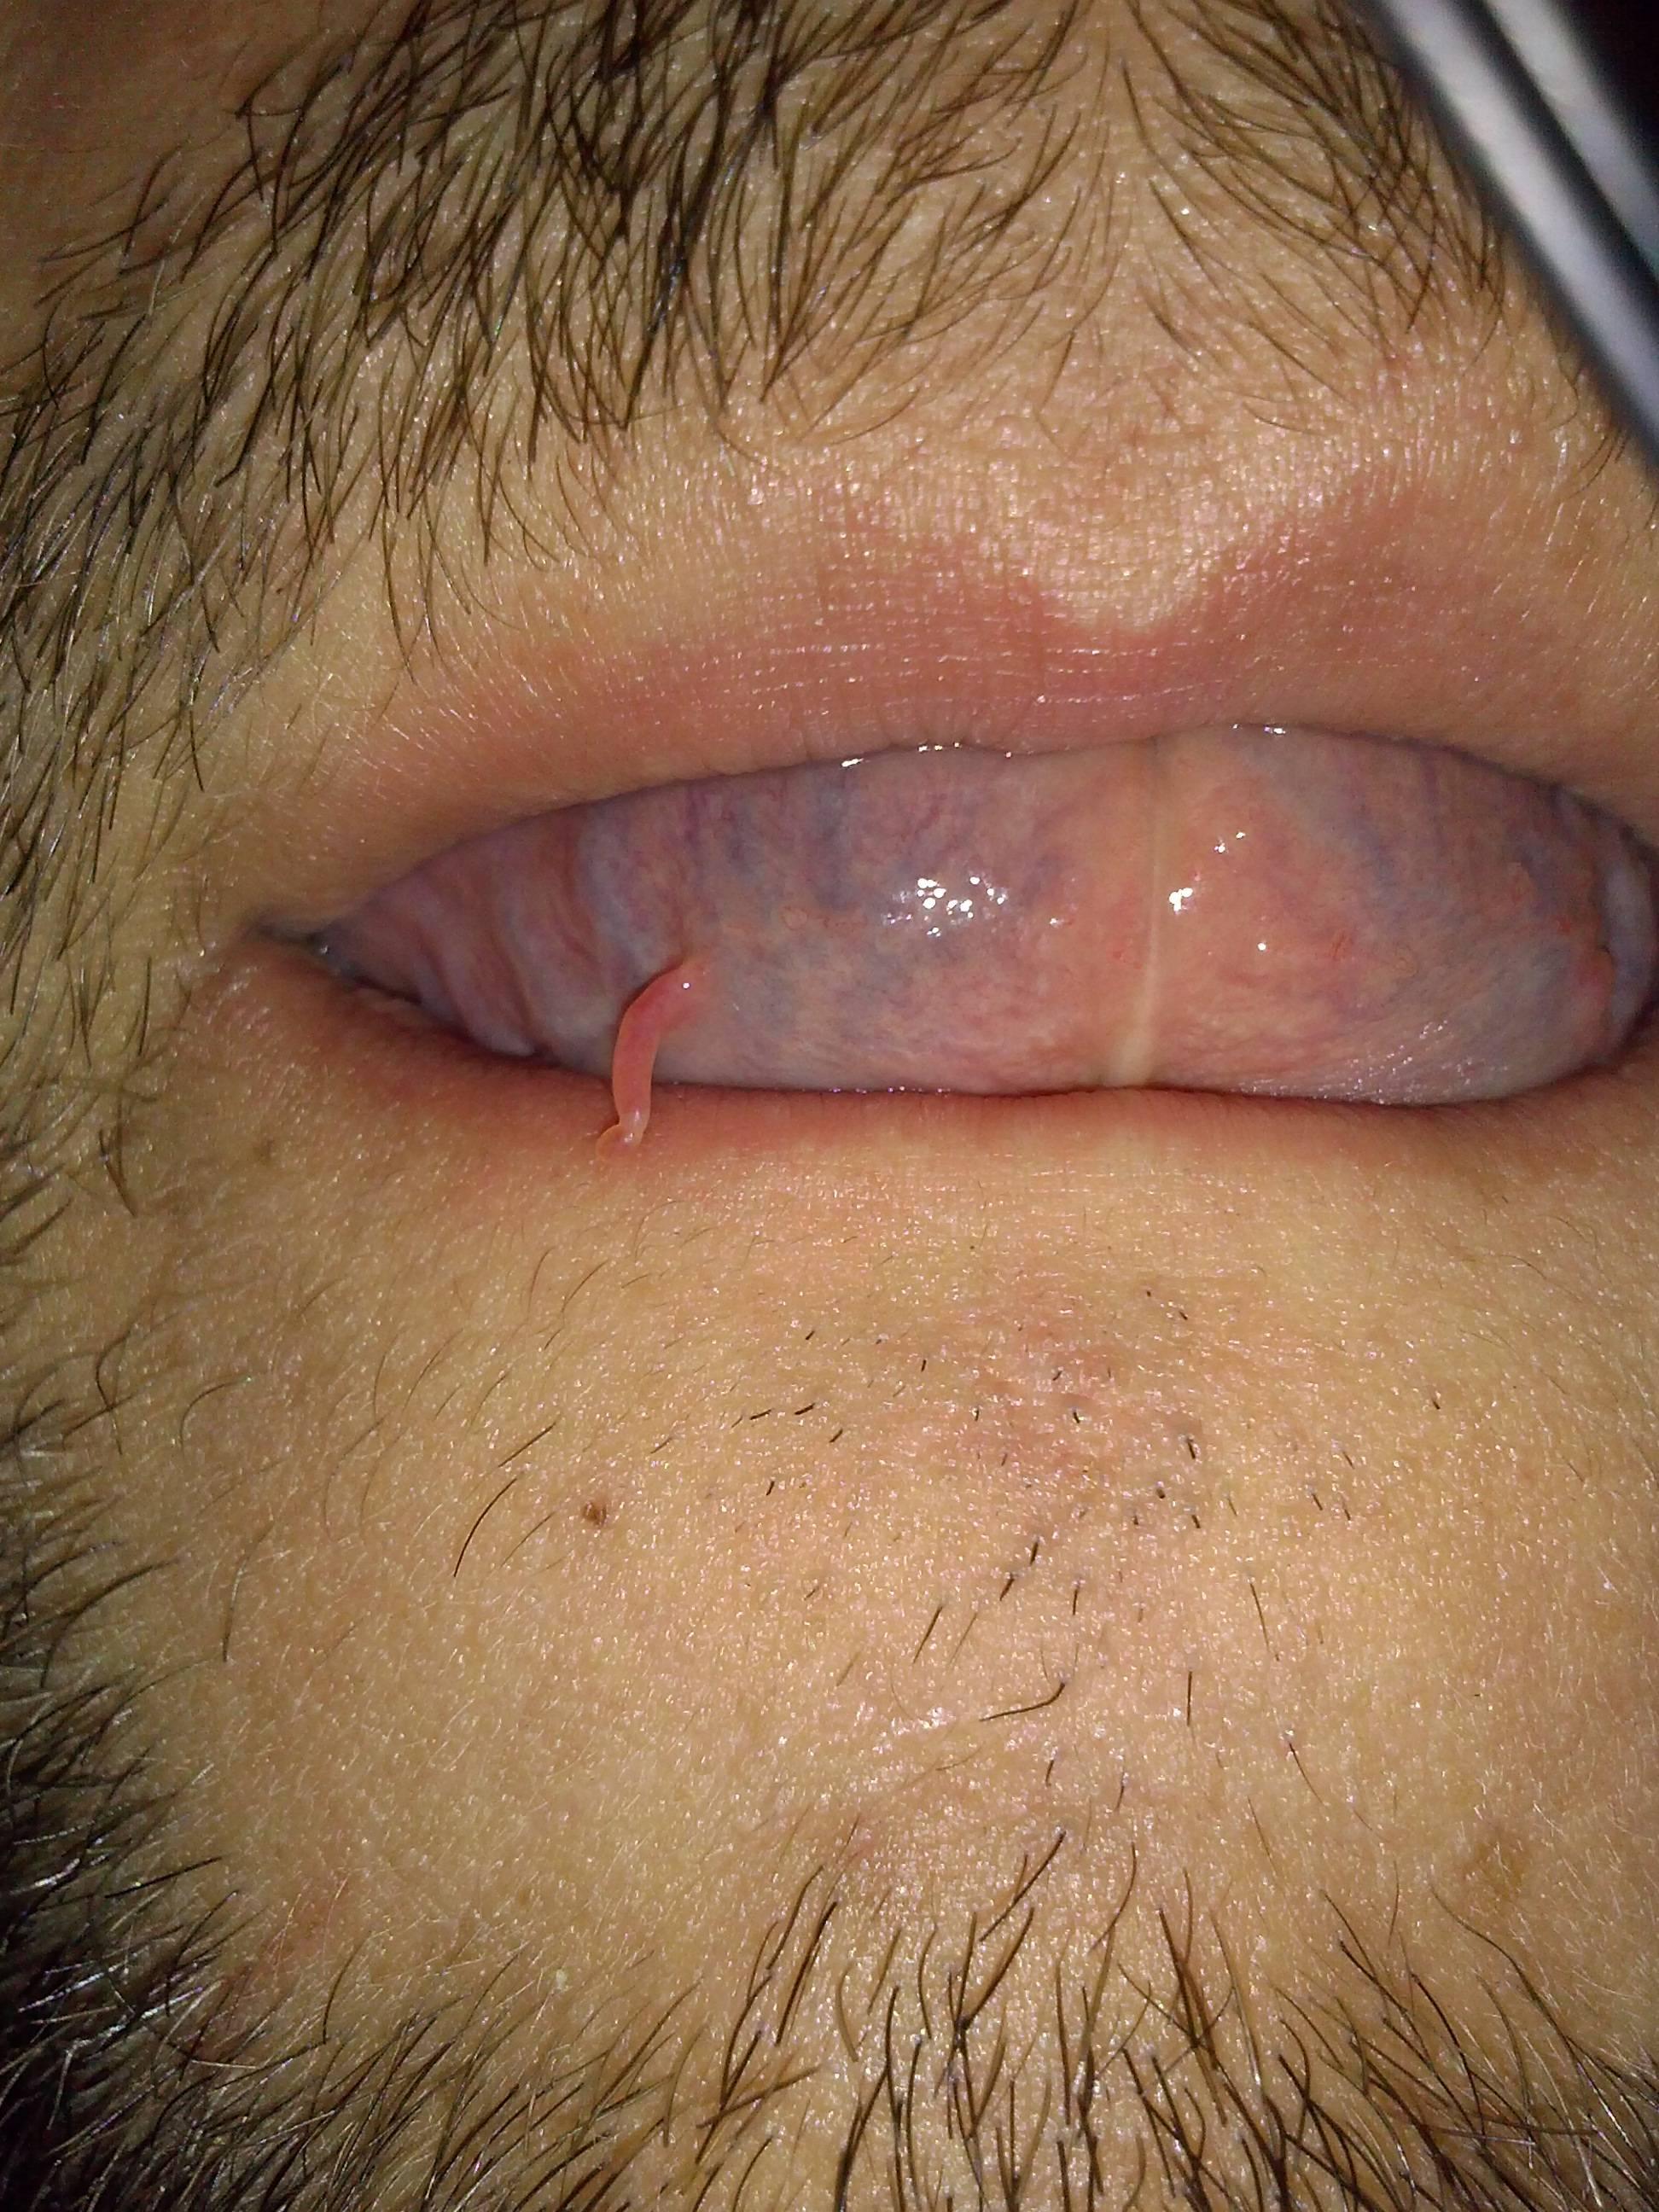 Hpv under tongue reddit. Renal cancer risk